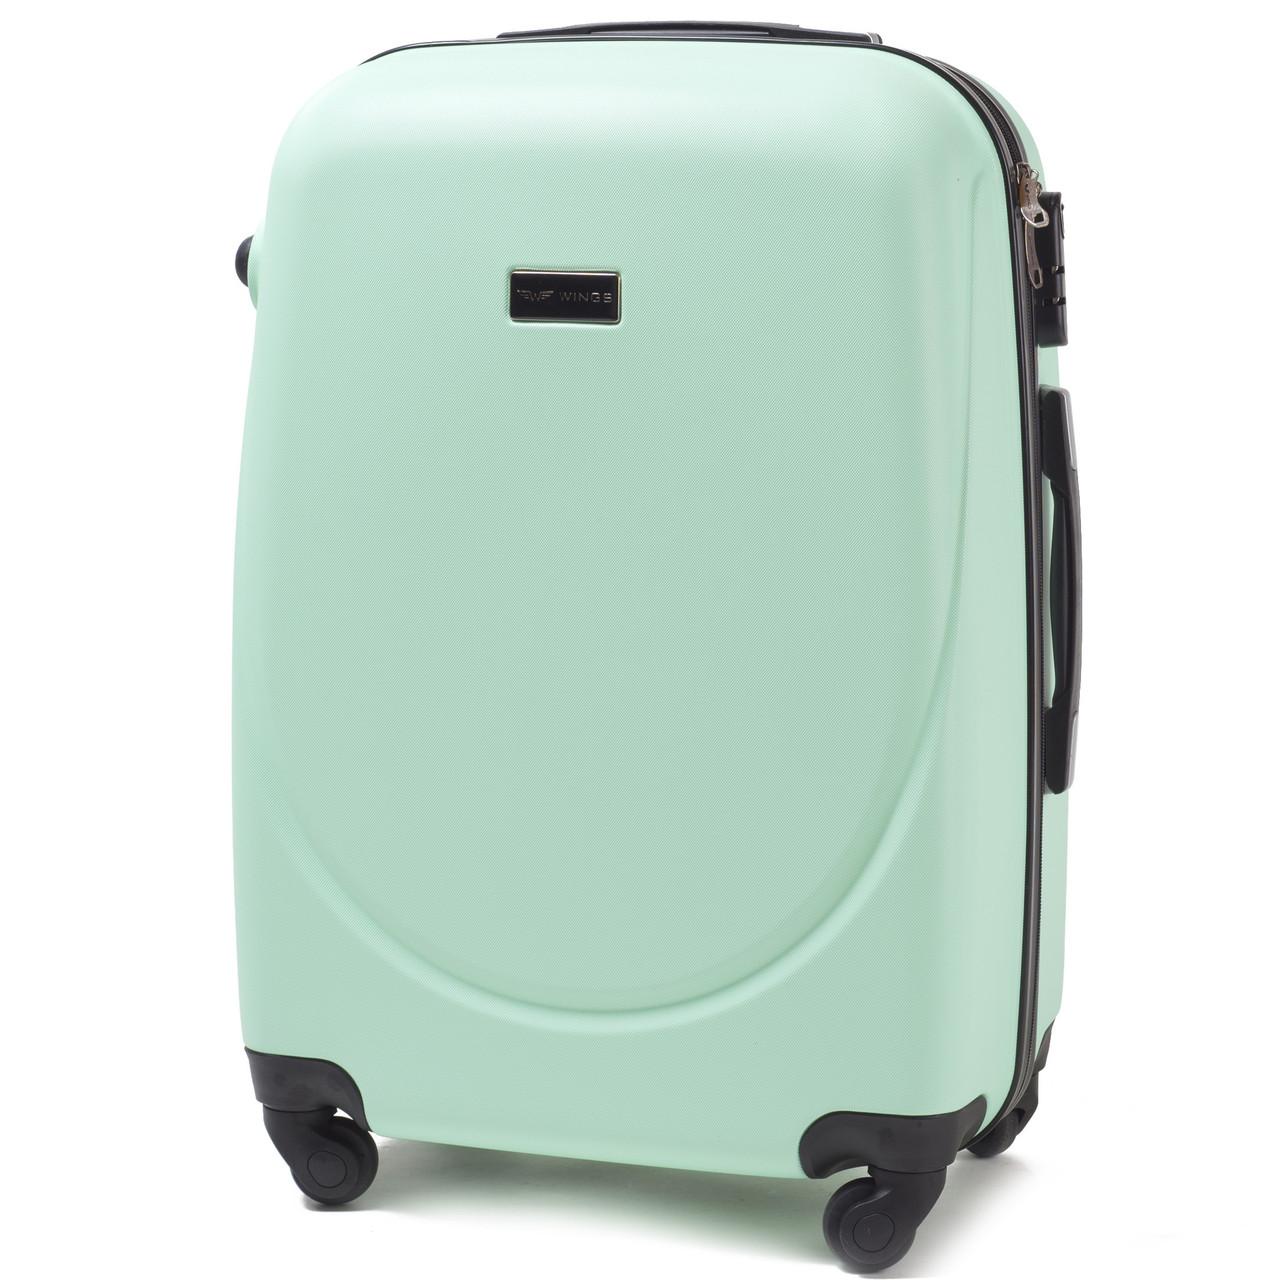 Малый пластиковый чемодан Wings 310 на 4 колесах зеленый, фото 1